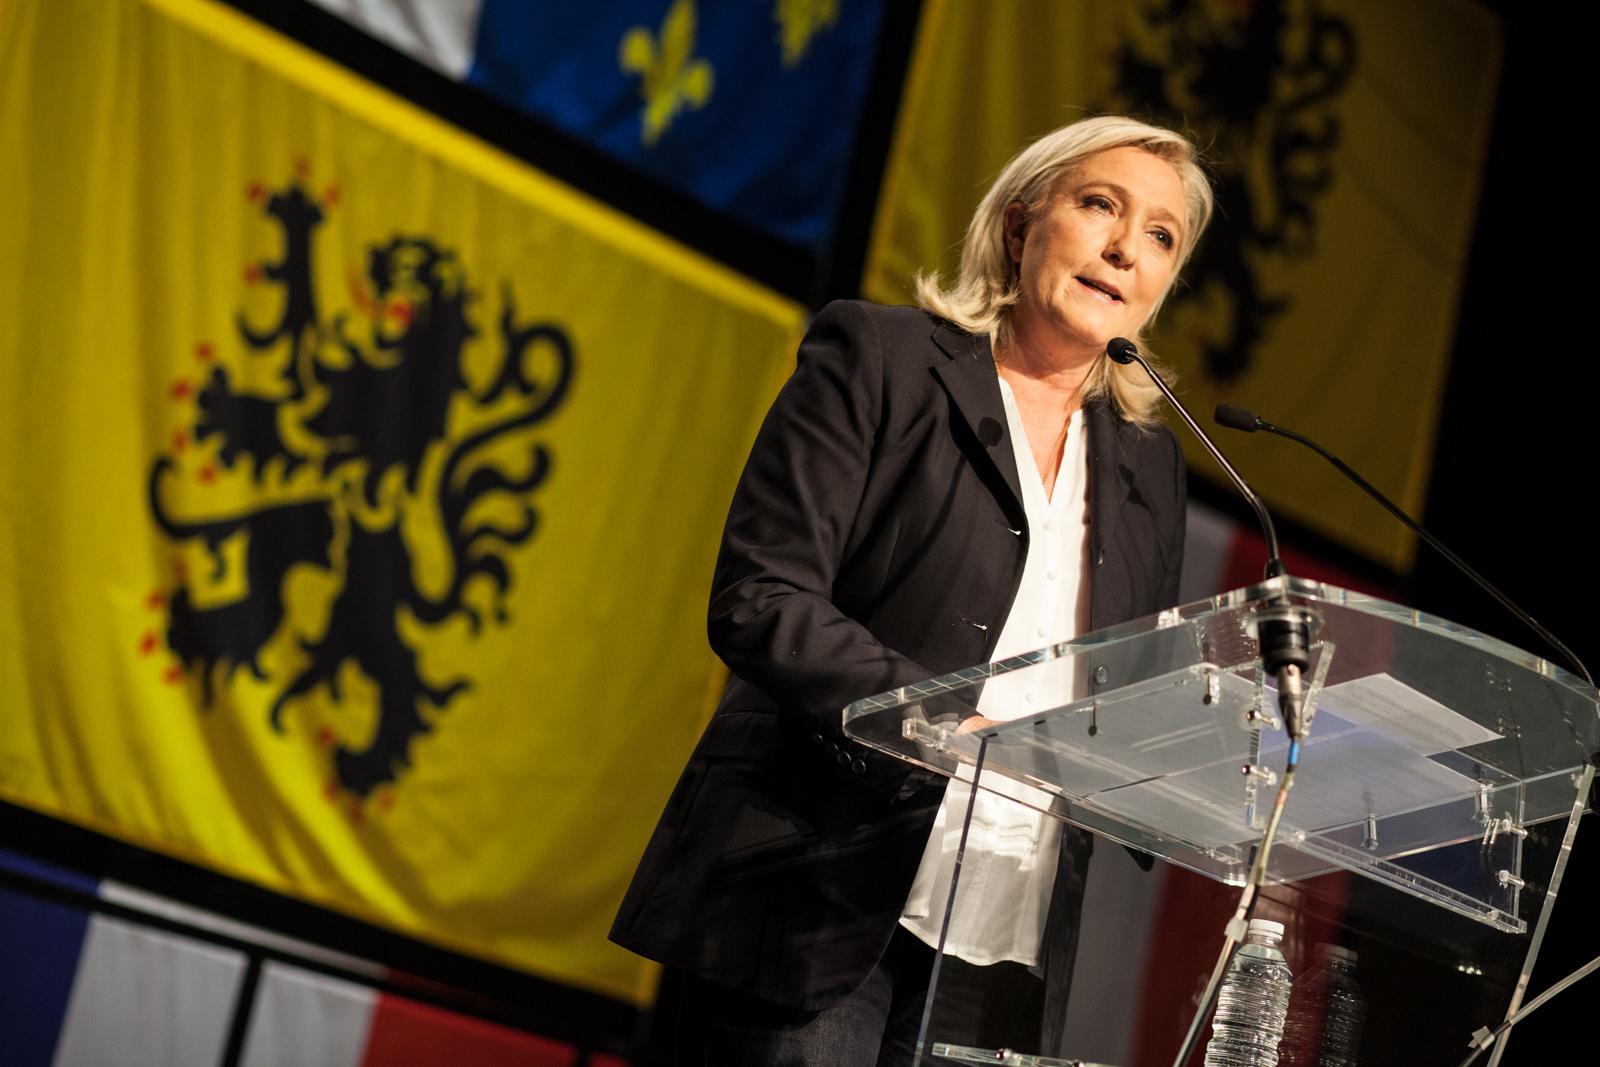 Marine Le Pen arrive en tête au premier tour des élections régionales du Nord-Pas de Calais en décembre 2015. Elle perdra face à Xavier Bertrand (LR) au deuxième tour. Hénin-Beaumont (62).